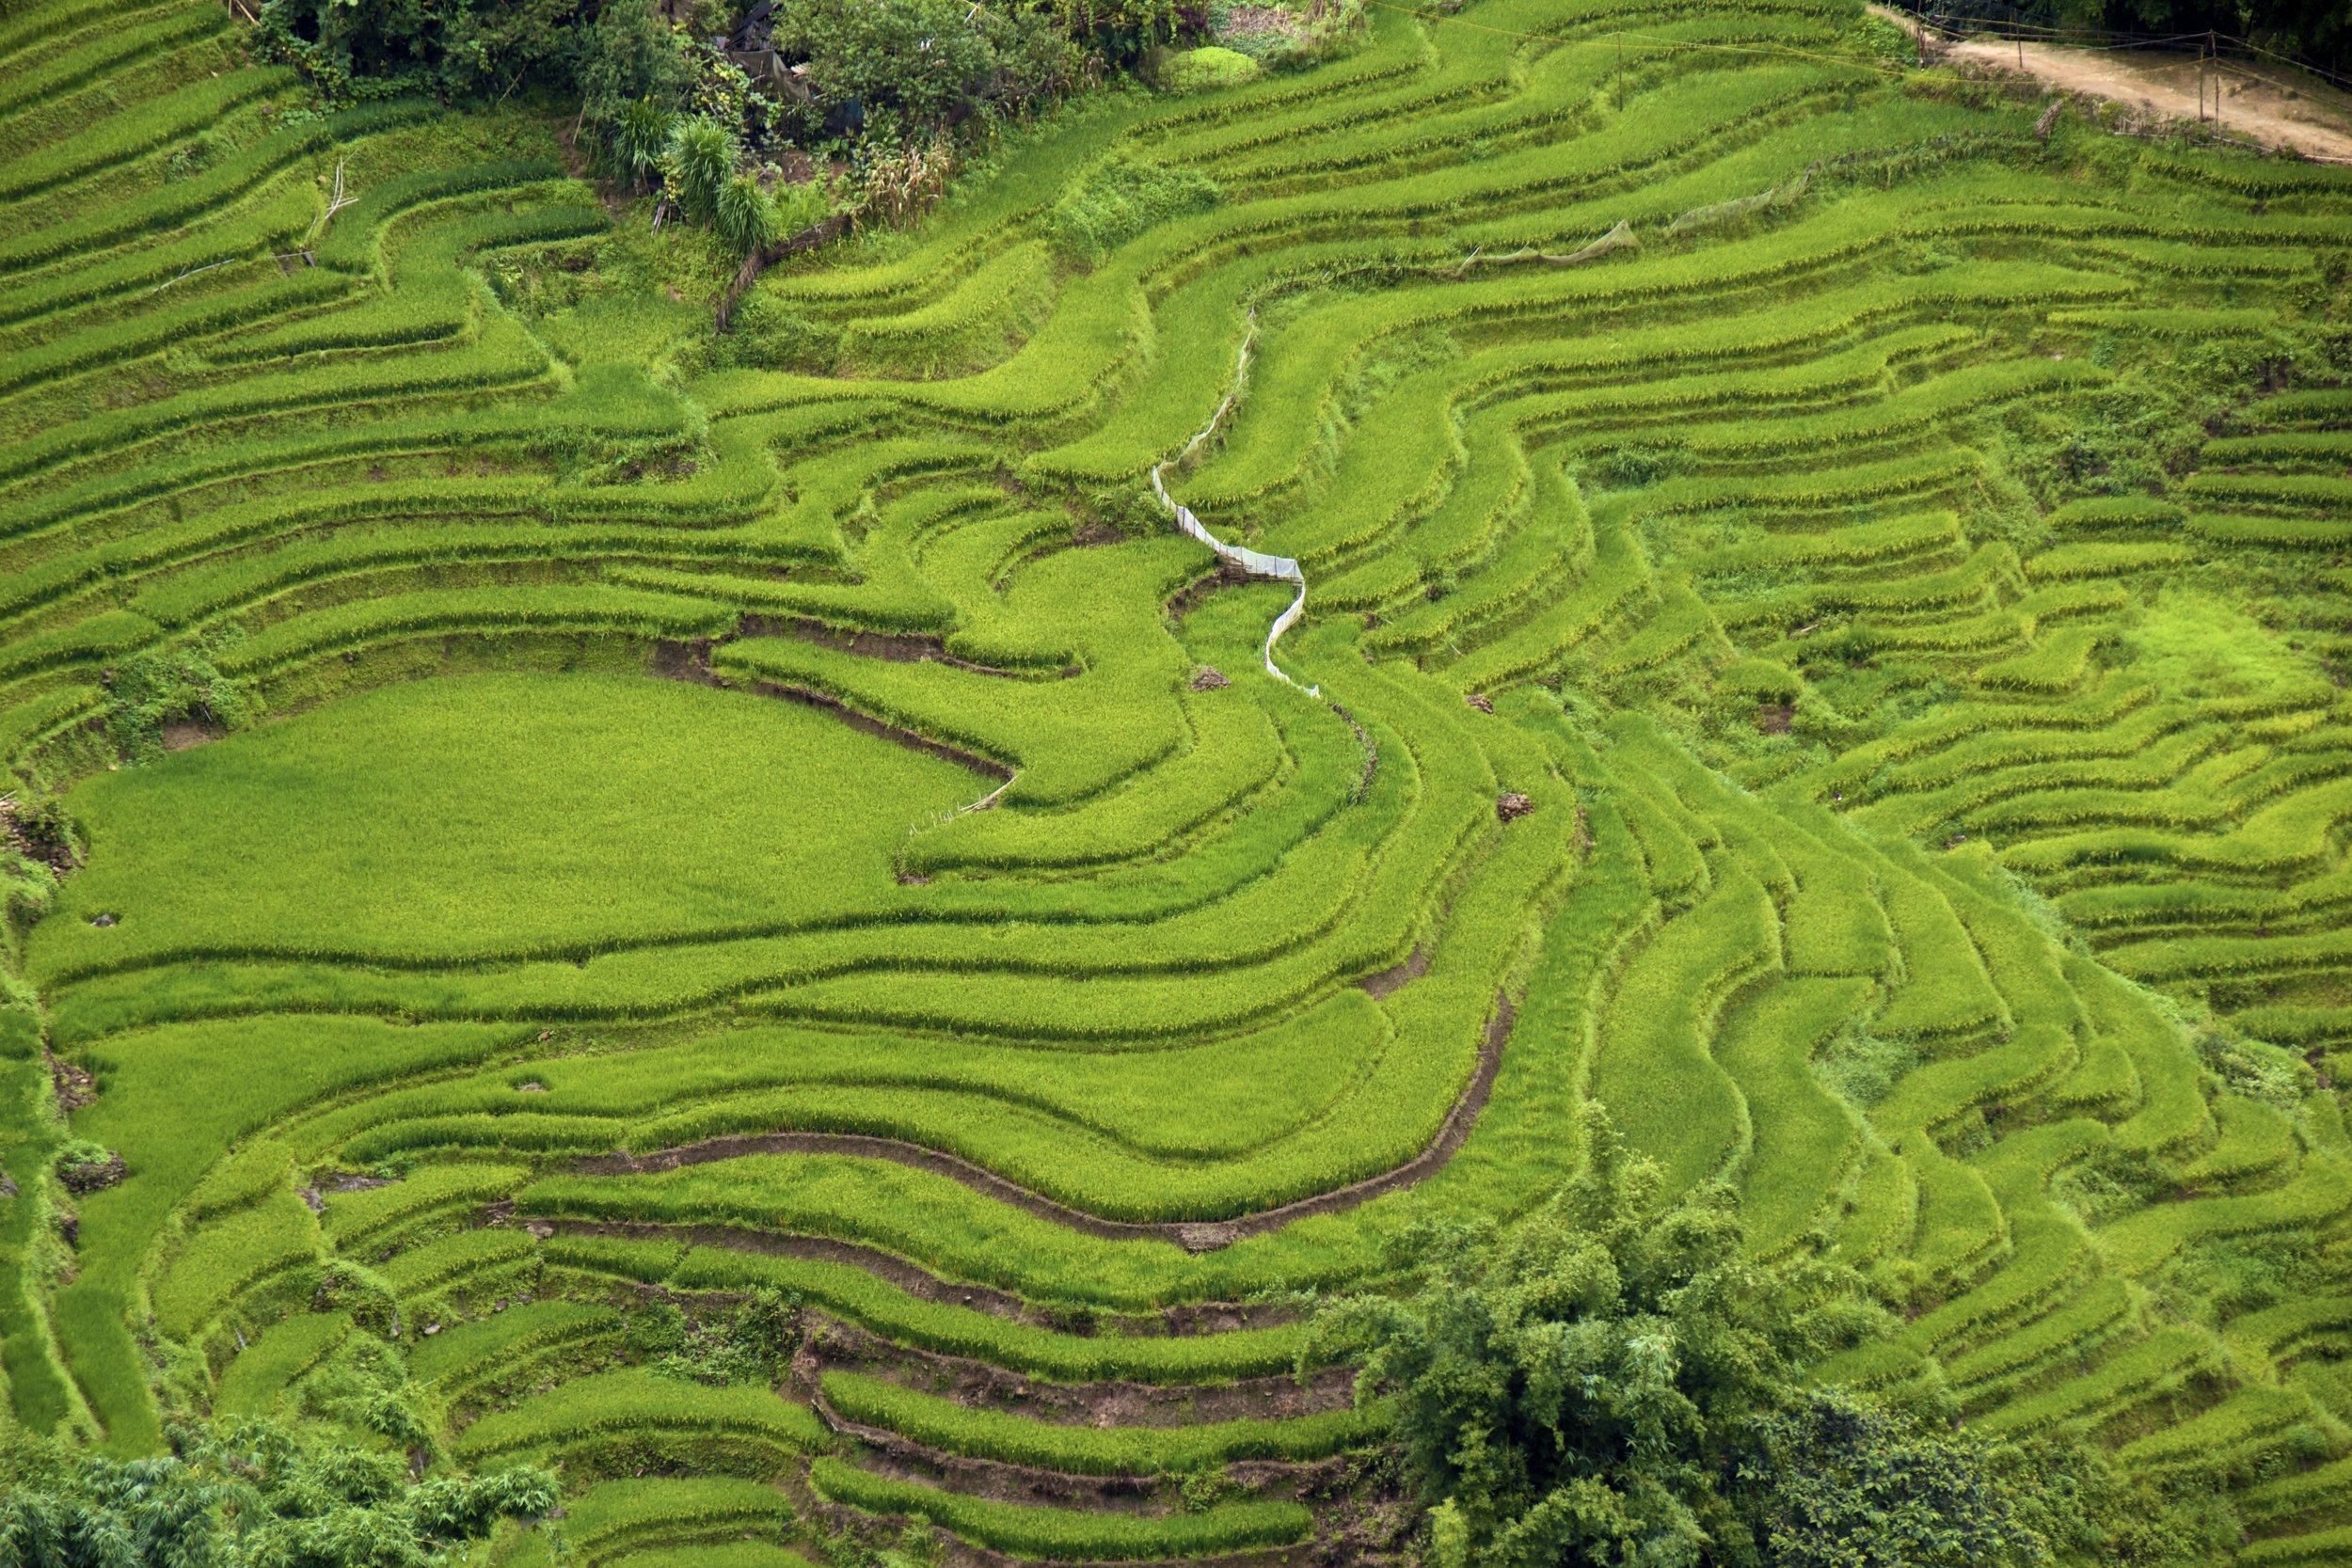 sa pa lao cai vietnam rice paddies 35.jpg